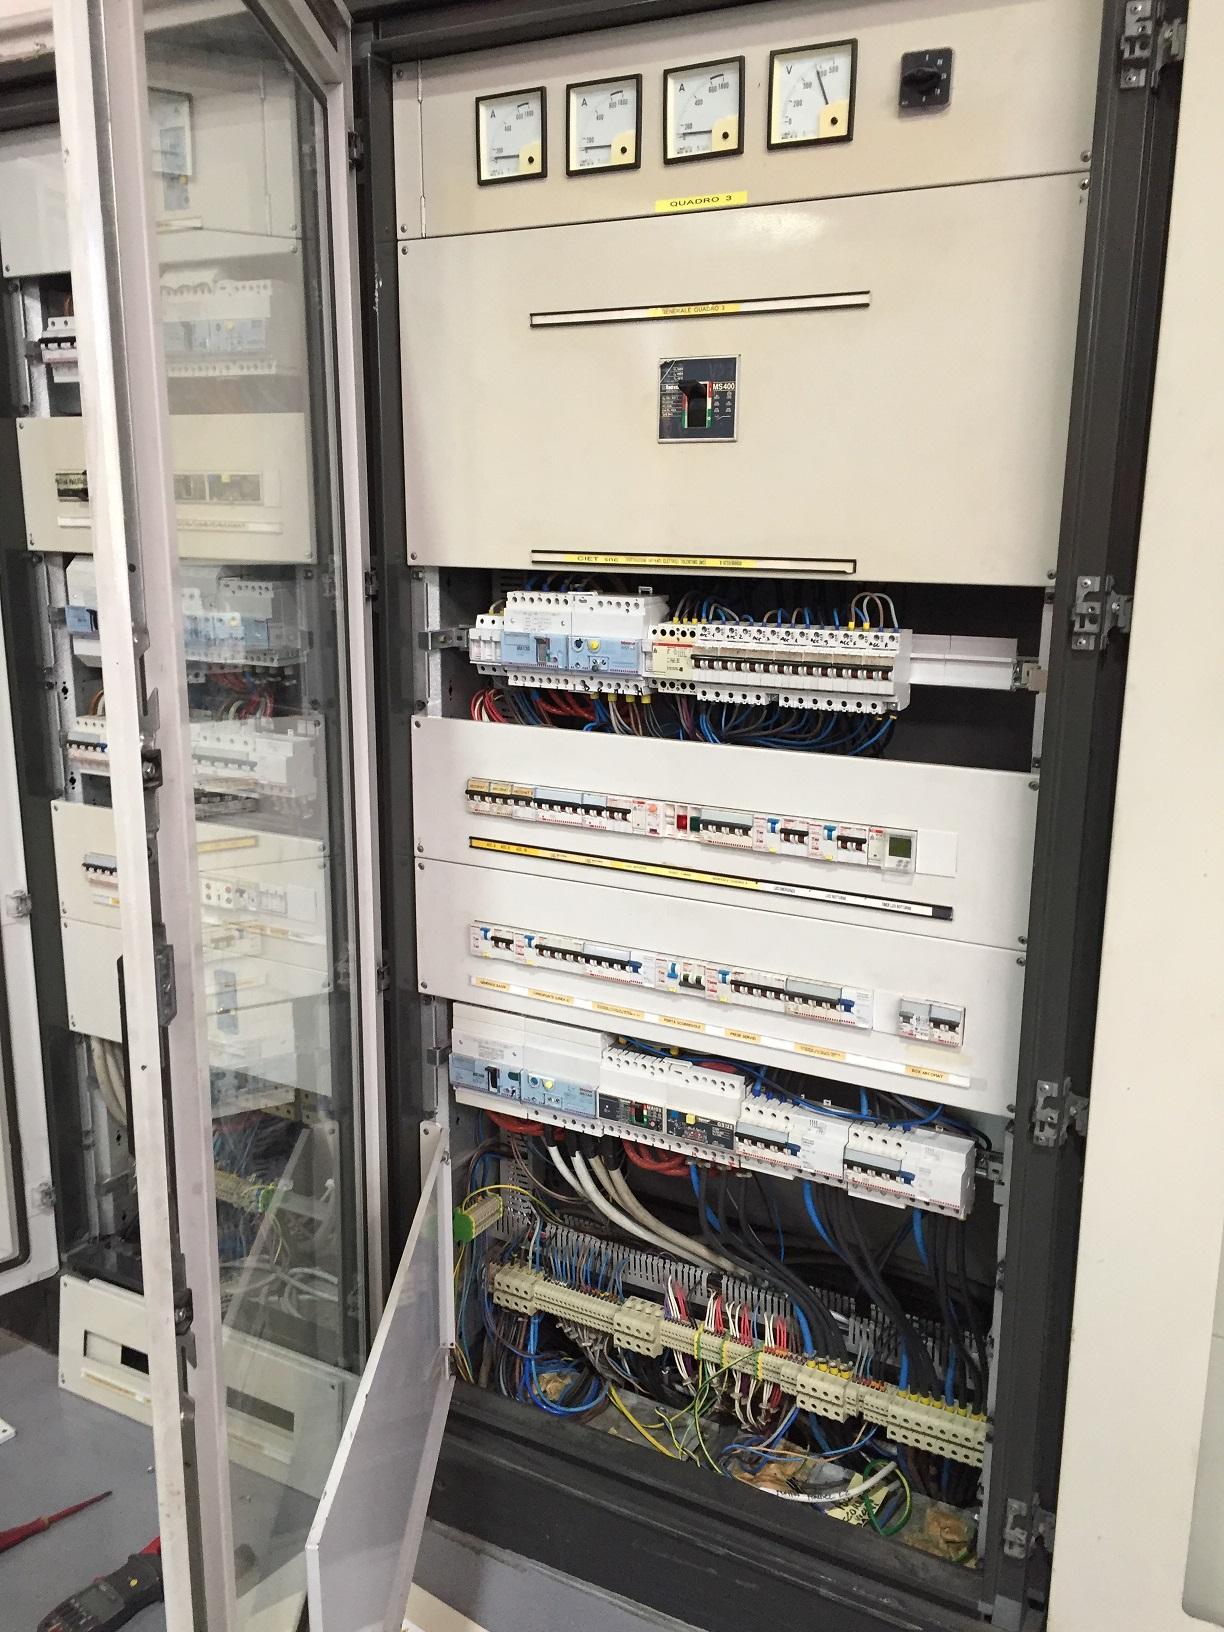 Analisi monitoraggio energetico